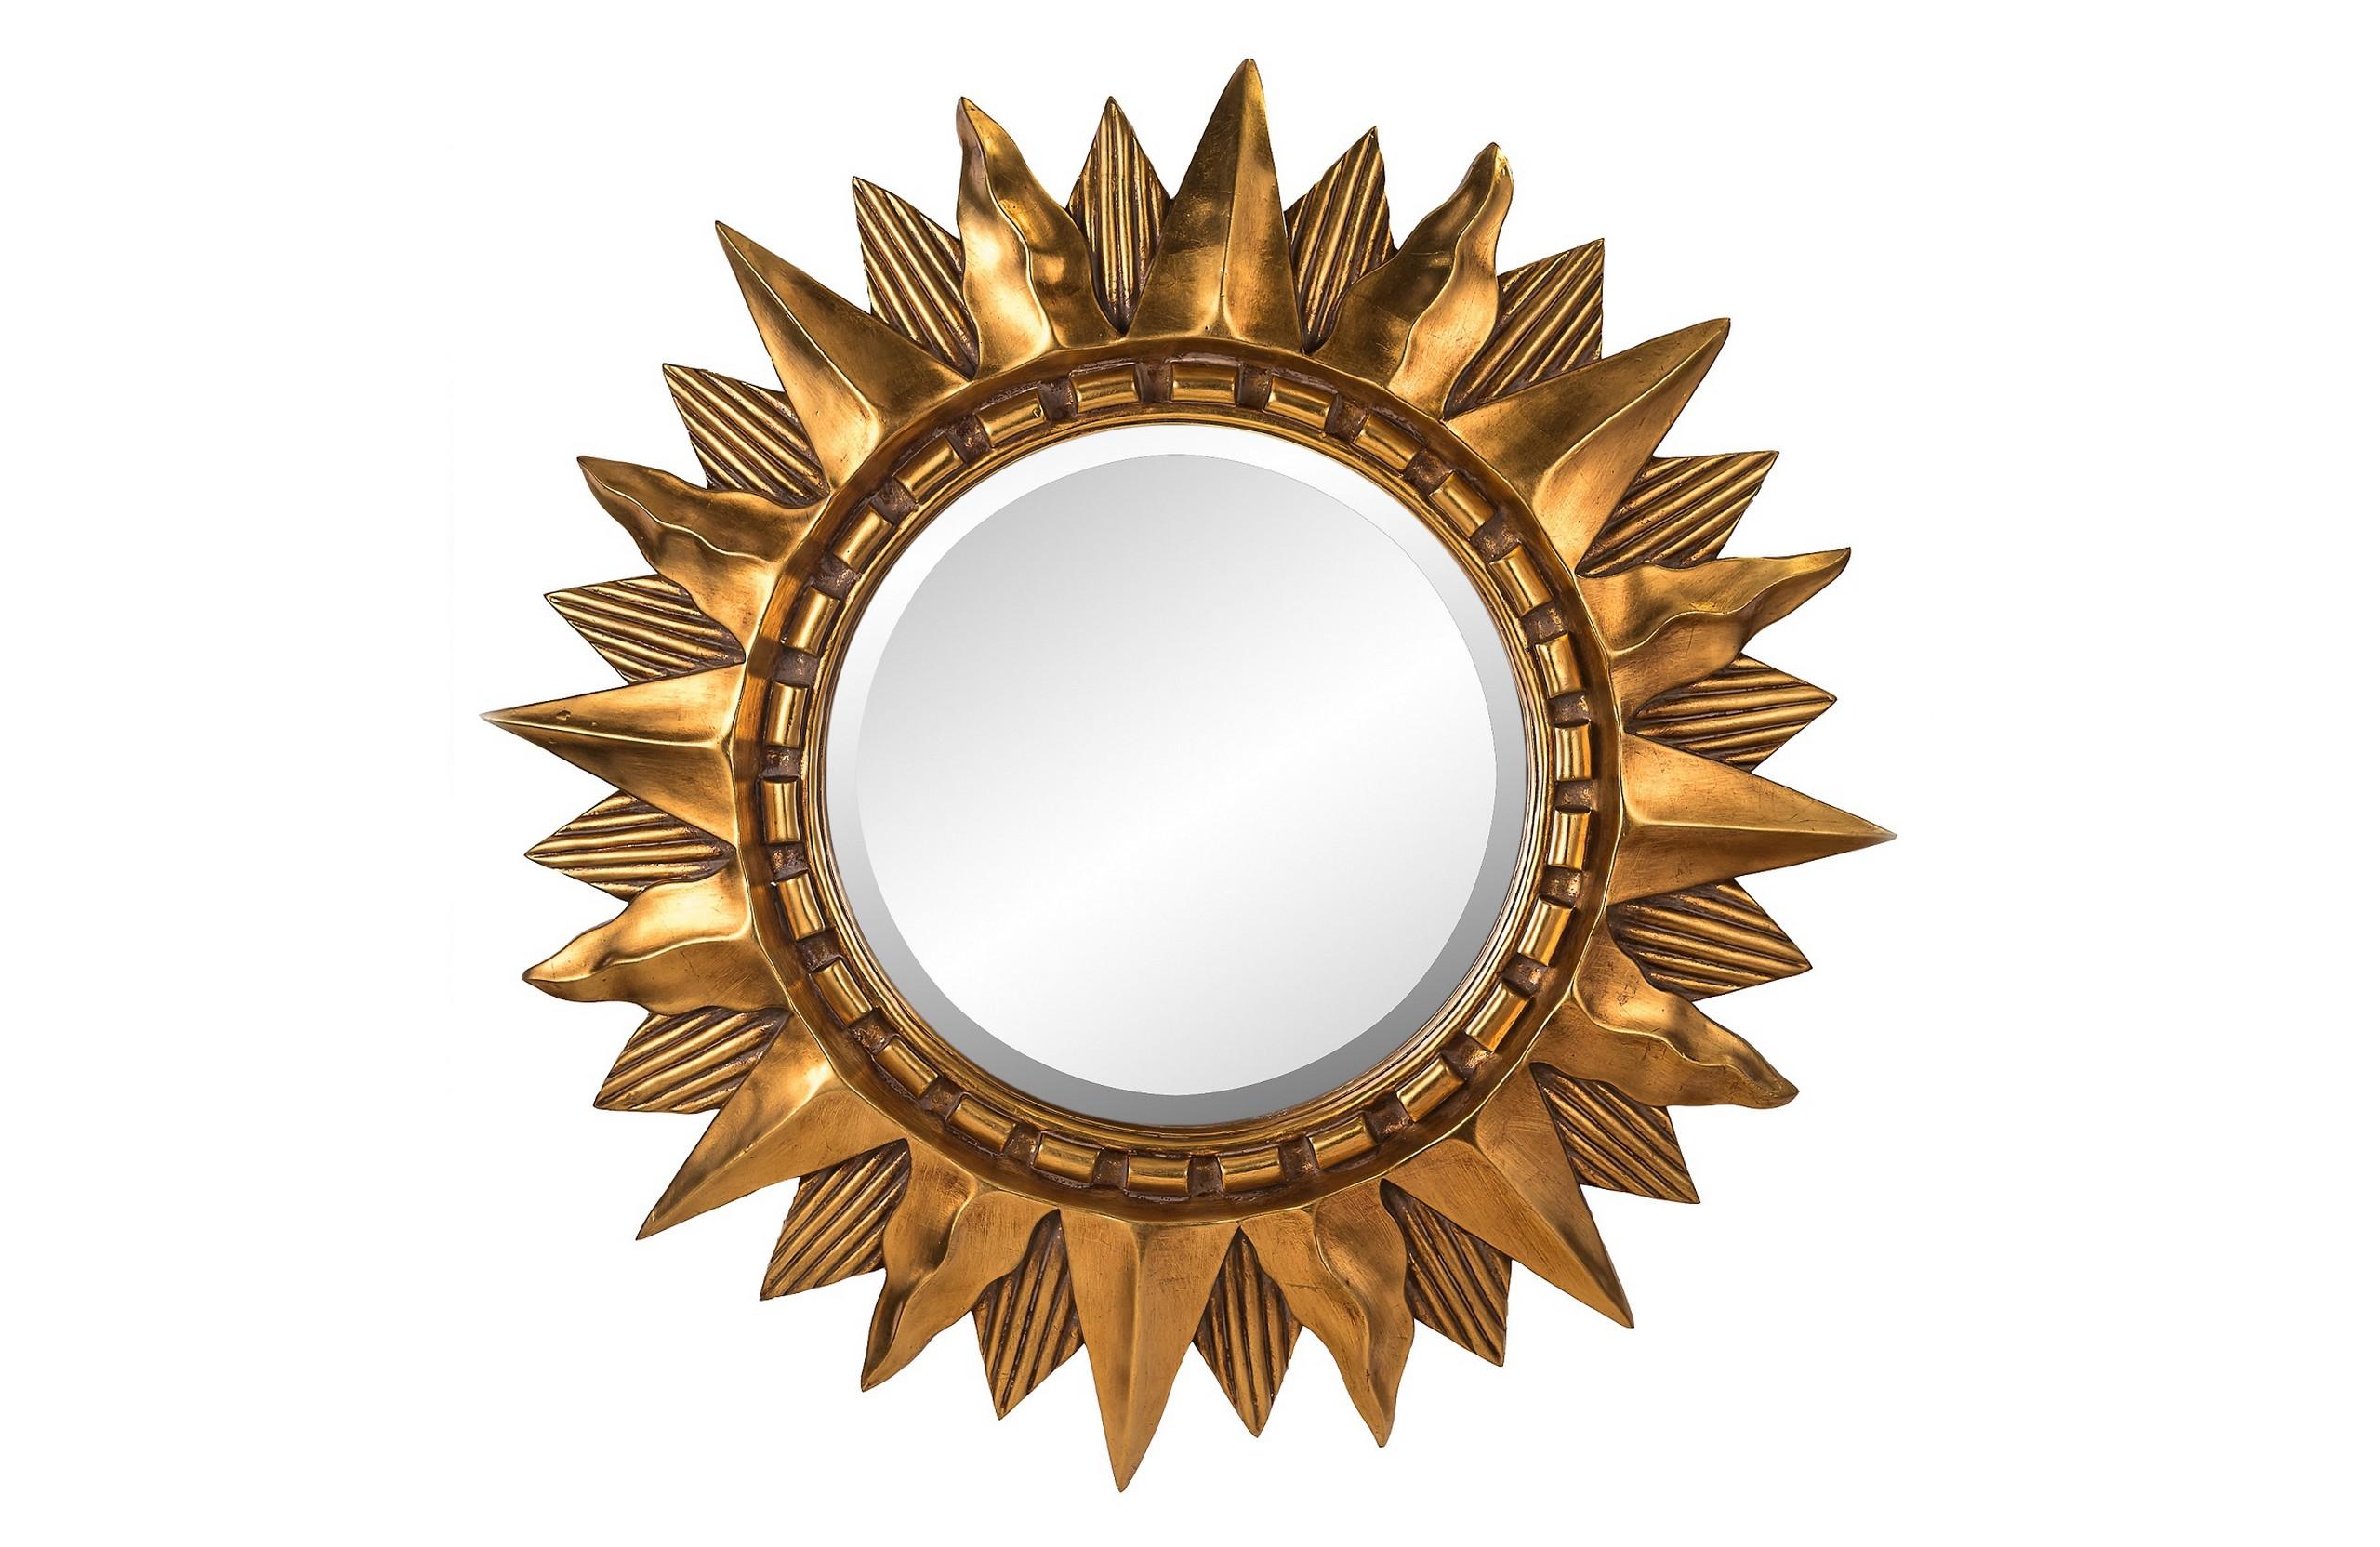 Зеркало Sol GoldНастенные зеркала<br>Материал зеркала: Влагостойкое серебряное зеркало&amp;amp;nbsp;&amp;lt;div&amp;gt;&amp;lt;br&amp;gt;&amp;lt;/div&amp;gt;&amp;lt;div&amp;gt;&amp;lt;span style=&amp;quot;font-size: 14px;&amp;quot;&amp;gt;Цвет зеркала/рамы: Античное золото&amp;lt;/span&amp;gt;&amp;lt;br&amp;gt;&amp;lt;/div&amp;gt;&amp;lt;div&amp;gt;Материал рамы: Полирезин&amp;amp;nbsp;&amp;lt;/div&amp;gt;<br><br>Material: Стекло<br>Length см: None<br>Width см: None<br>Depth см: 6.0<br>Height см: None<br>Diameter см: 85.0